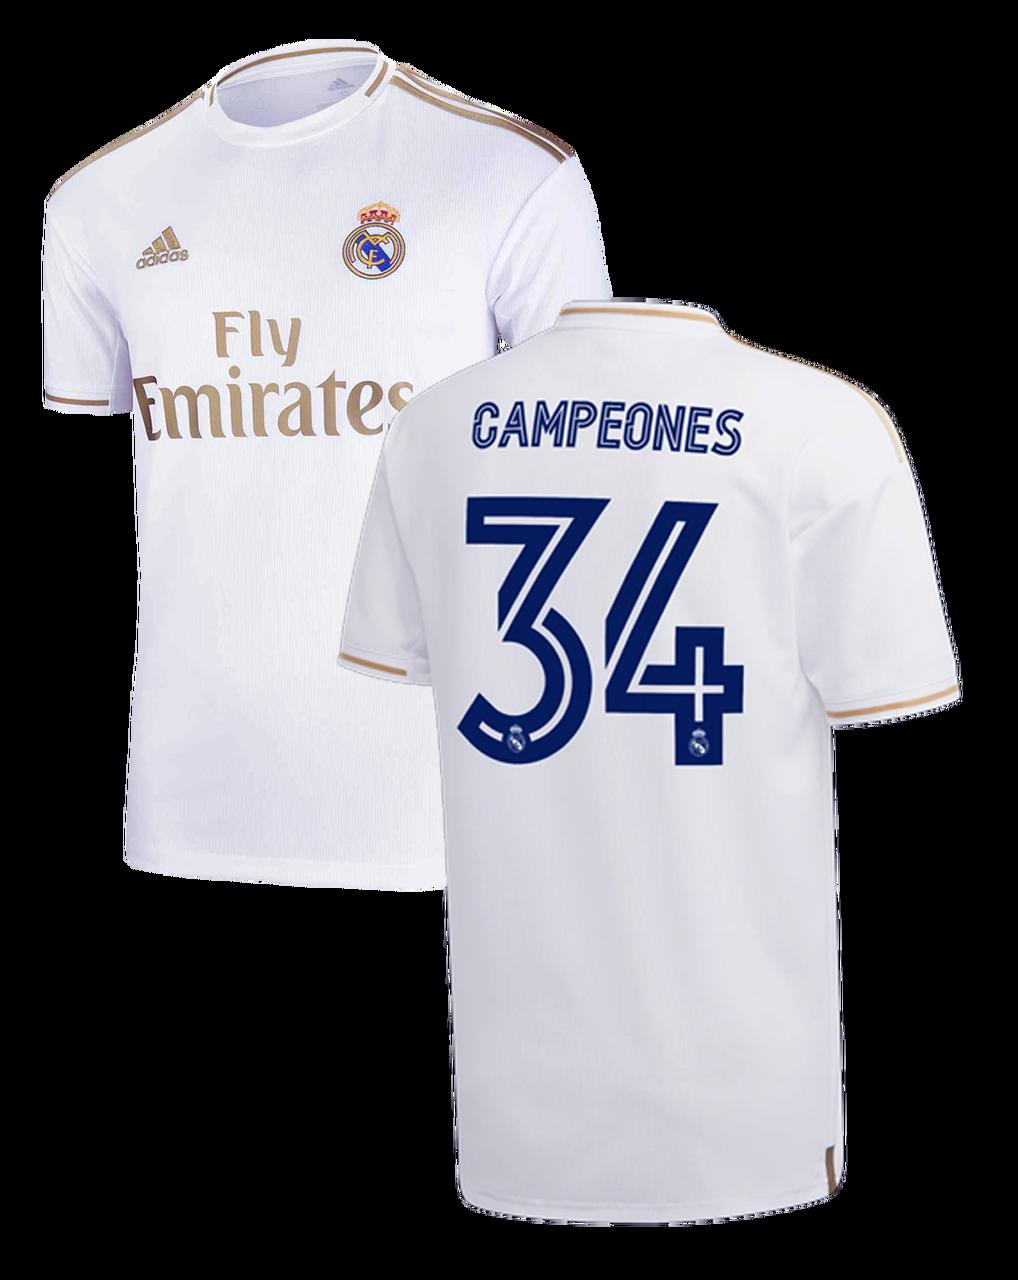 חולצת האליפות המיוחדת ריאל מדריד